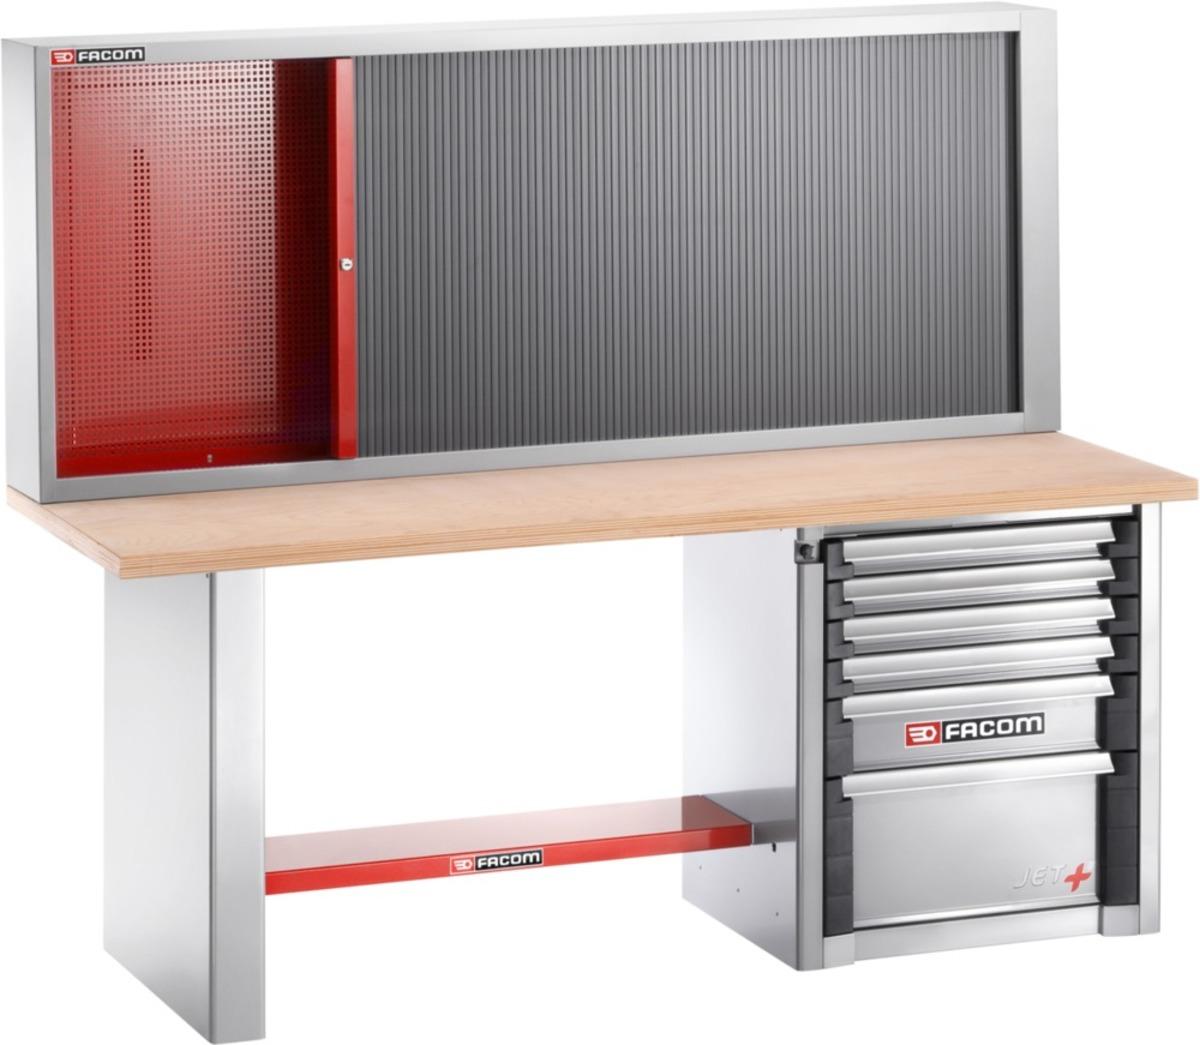 FACOM Werkbank mit Werkzeugschrank für schwere Lasten | 6 ...